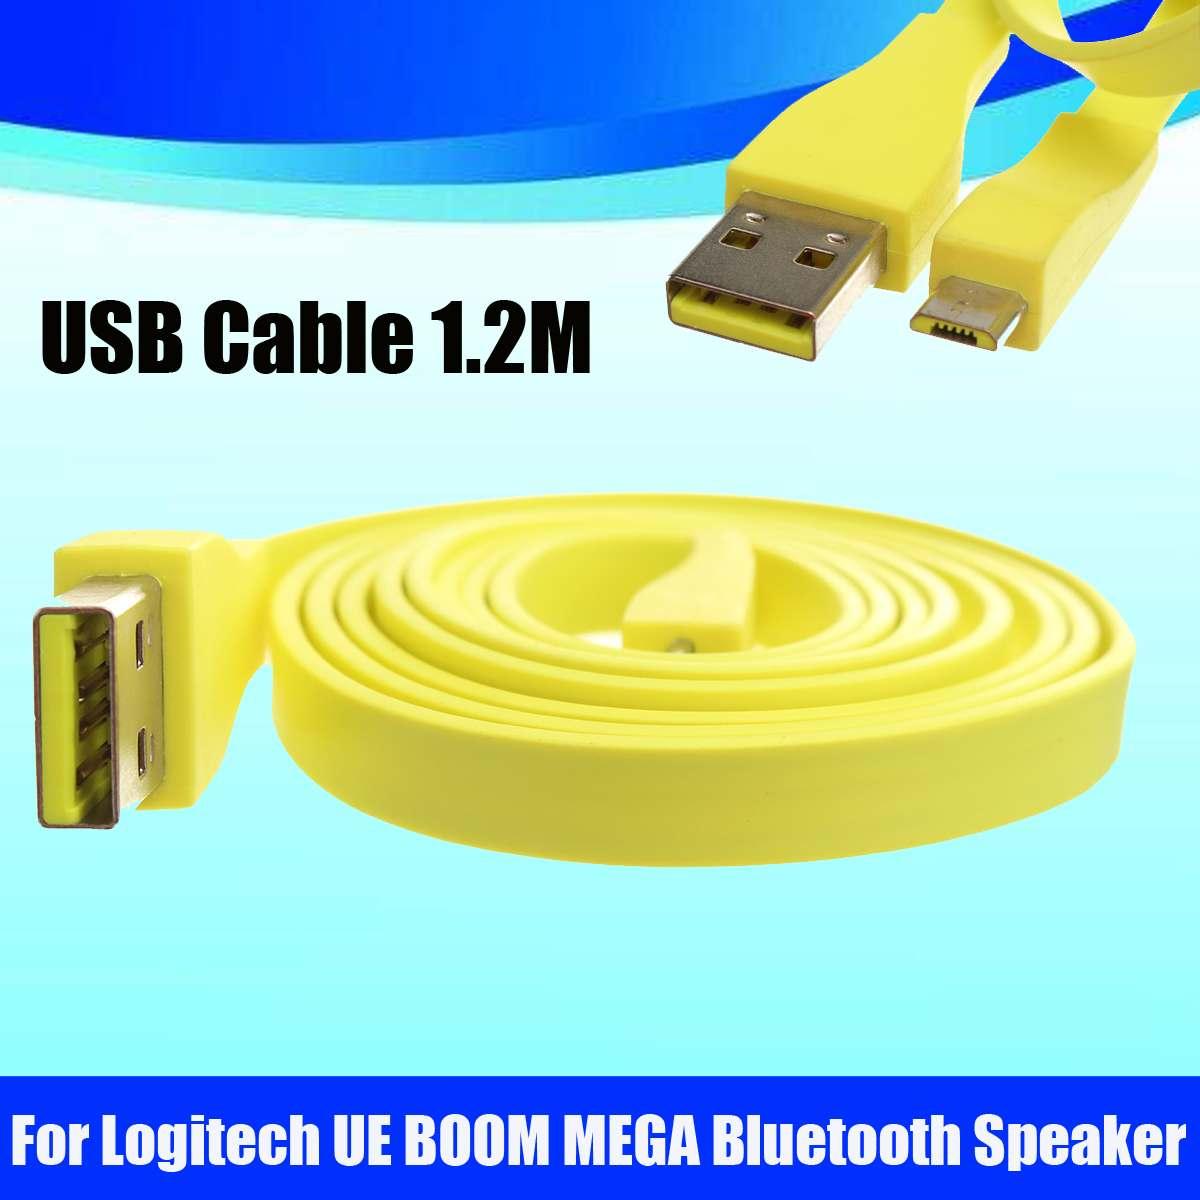 1,2 M Micro Usb Pc Cargador Flexible, Cable De Datos Usb Cable De Alambre Para Logitech Ue Boom Mega Altavoz Bluetooth Cargador De Alta Calidad